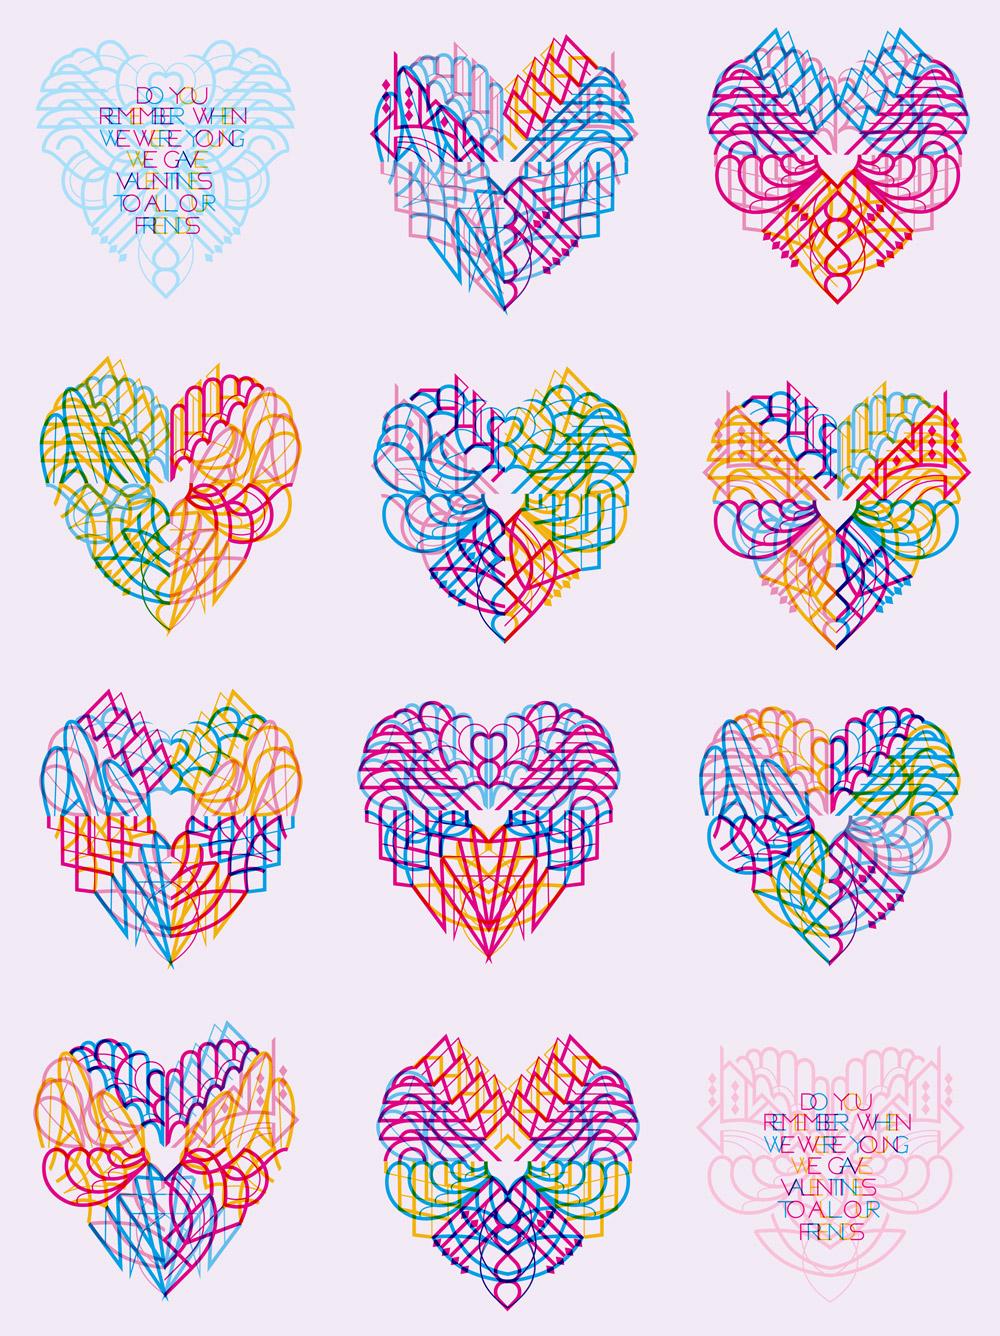 Bantjes Valentines